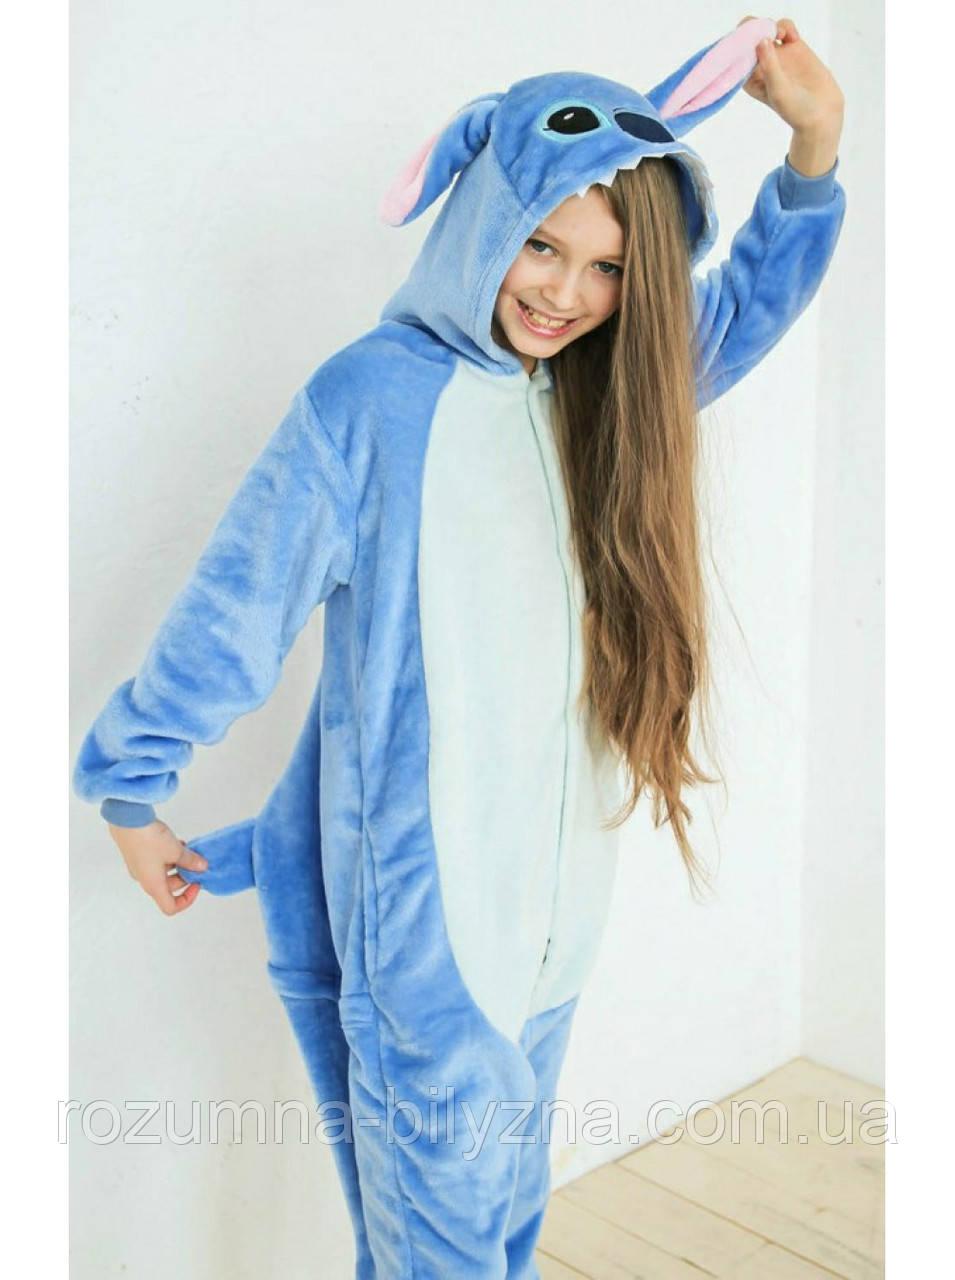 Піжама кігурумі дитяча, синього кольору Стіч. Розмір: 110. 120. 130. см